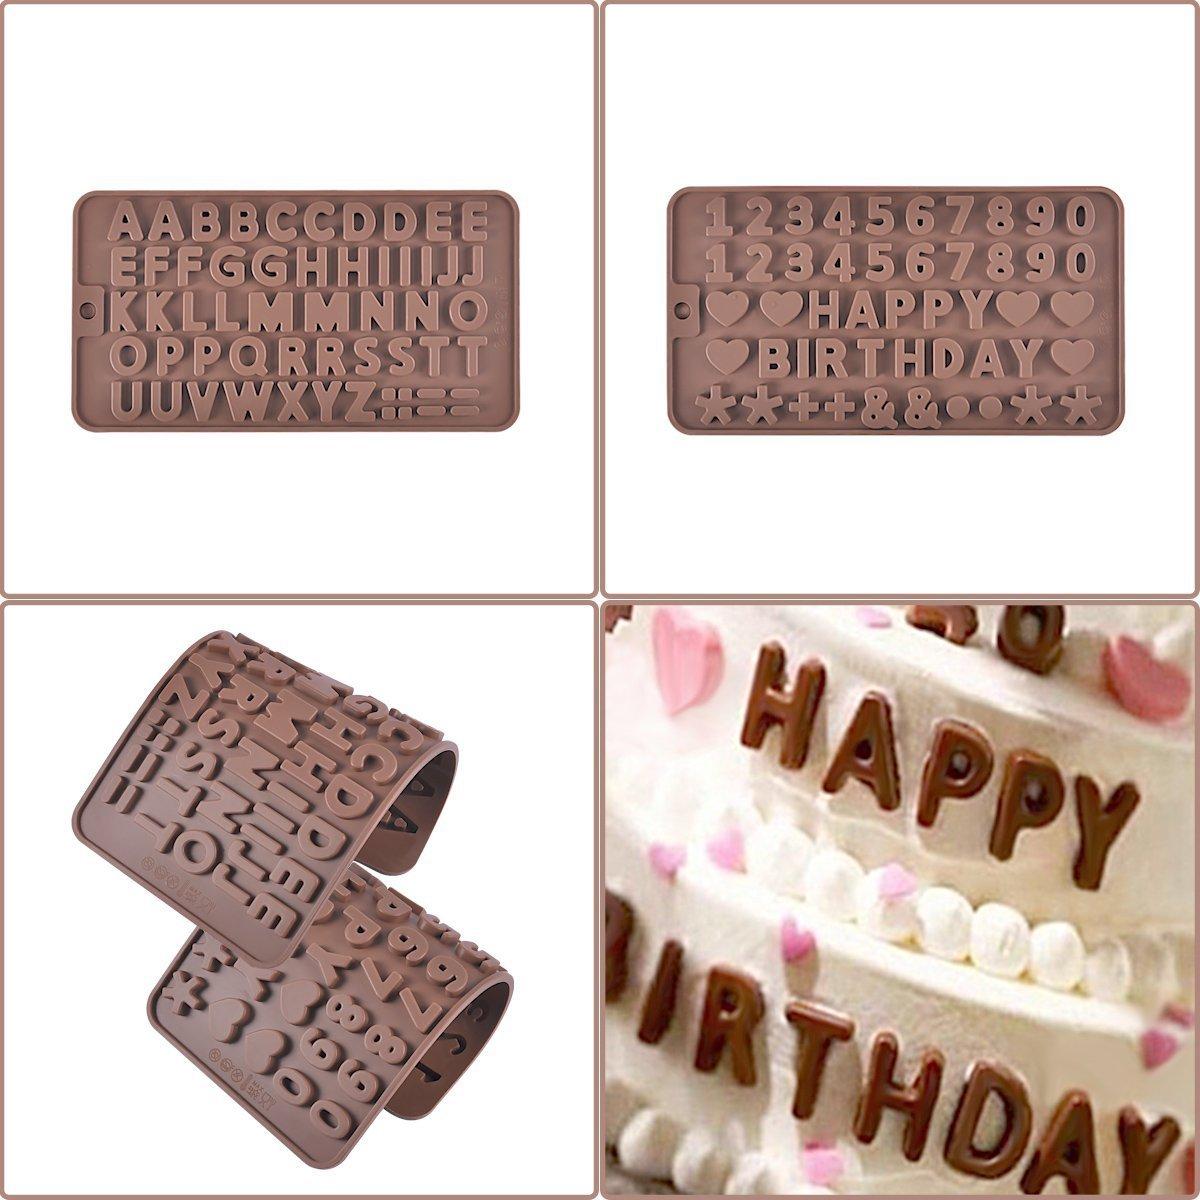 Prokitchen Molde de Silicona de la A hasta la Z para la decoración de pasteles de cumpleaños y chocolates (Set de 2): Amazon.es: Hogar